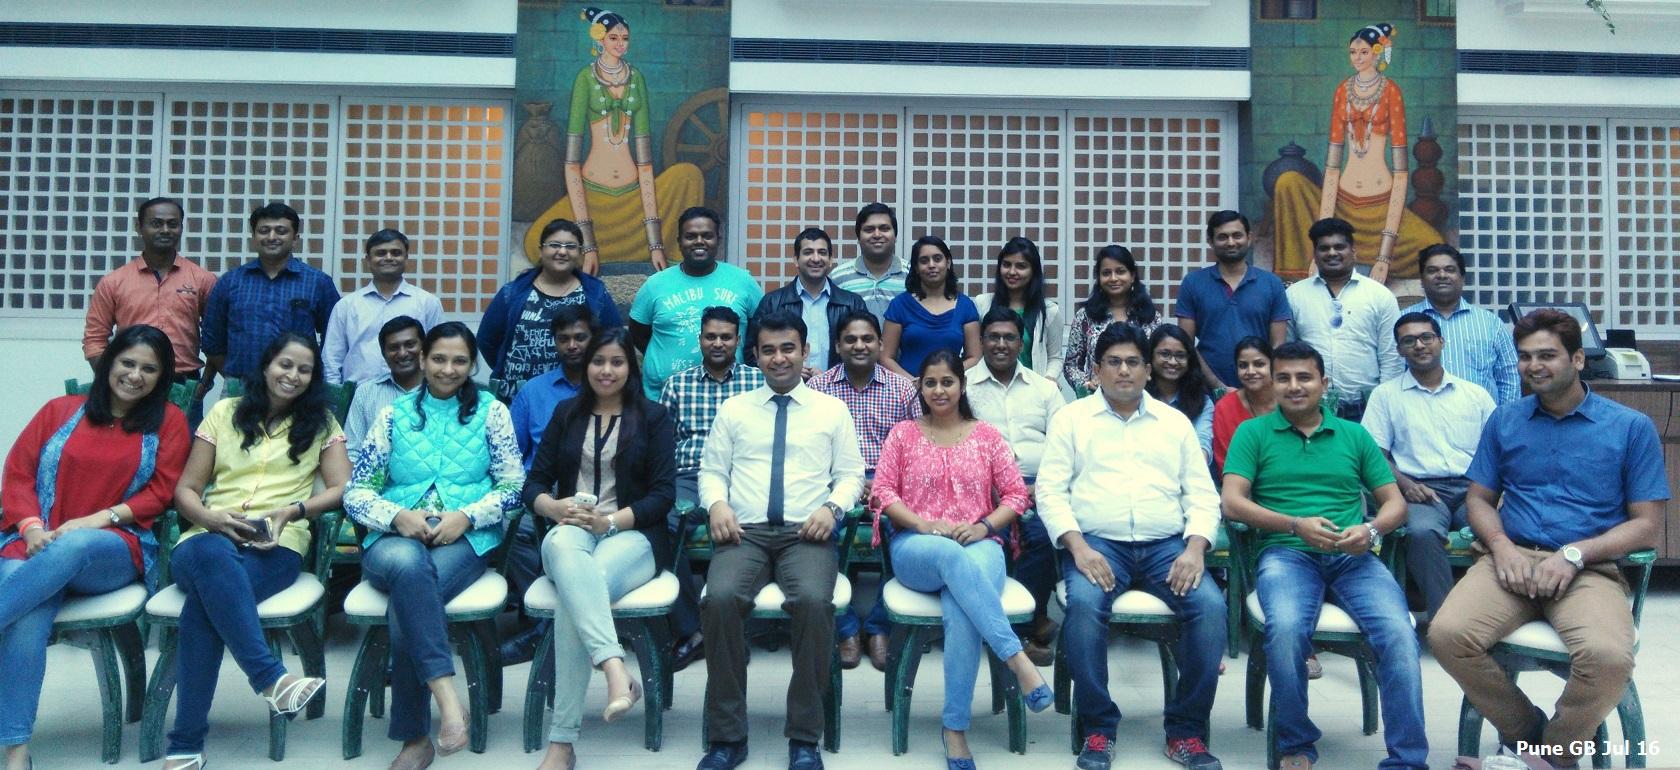 Pune GB Jul 16